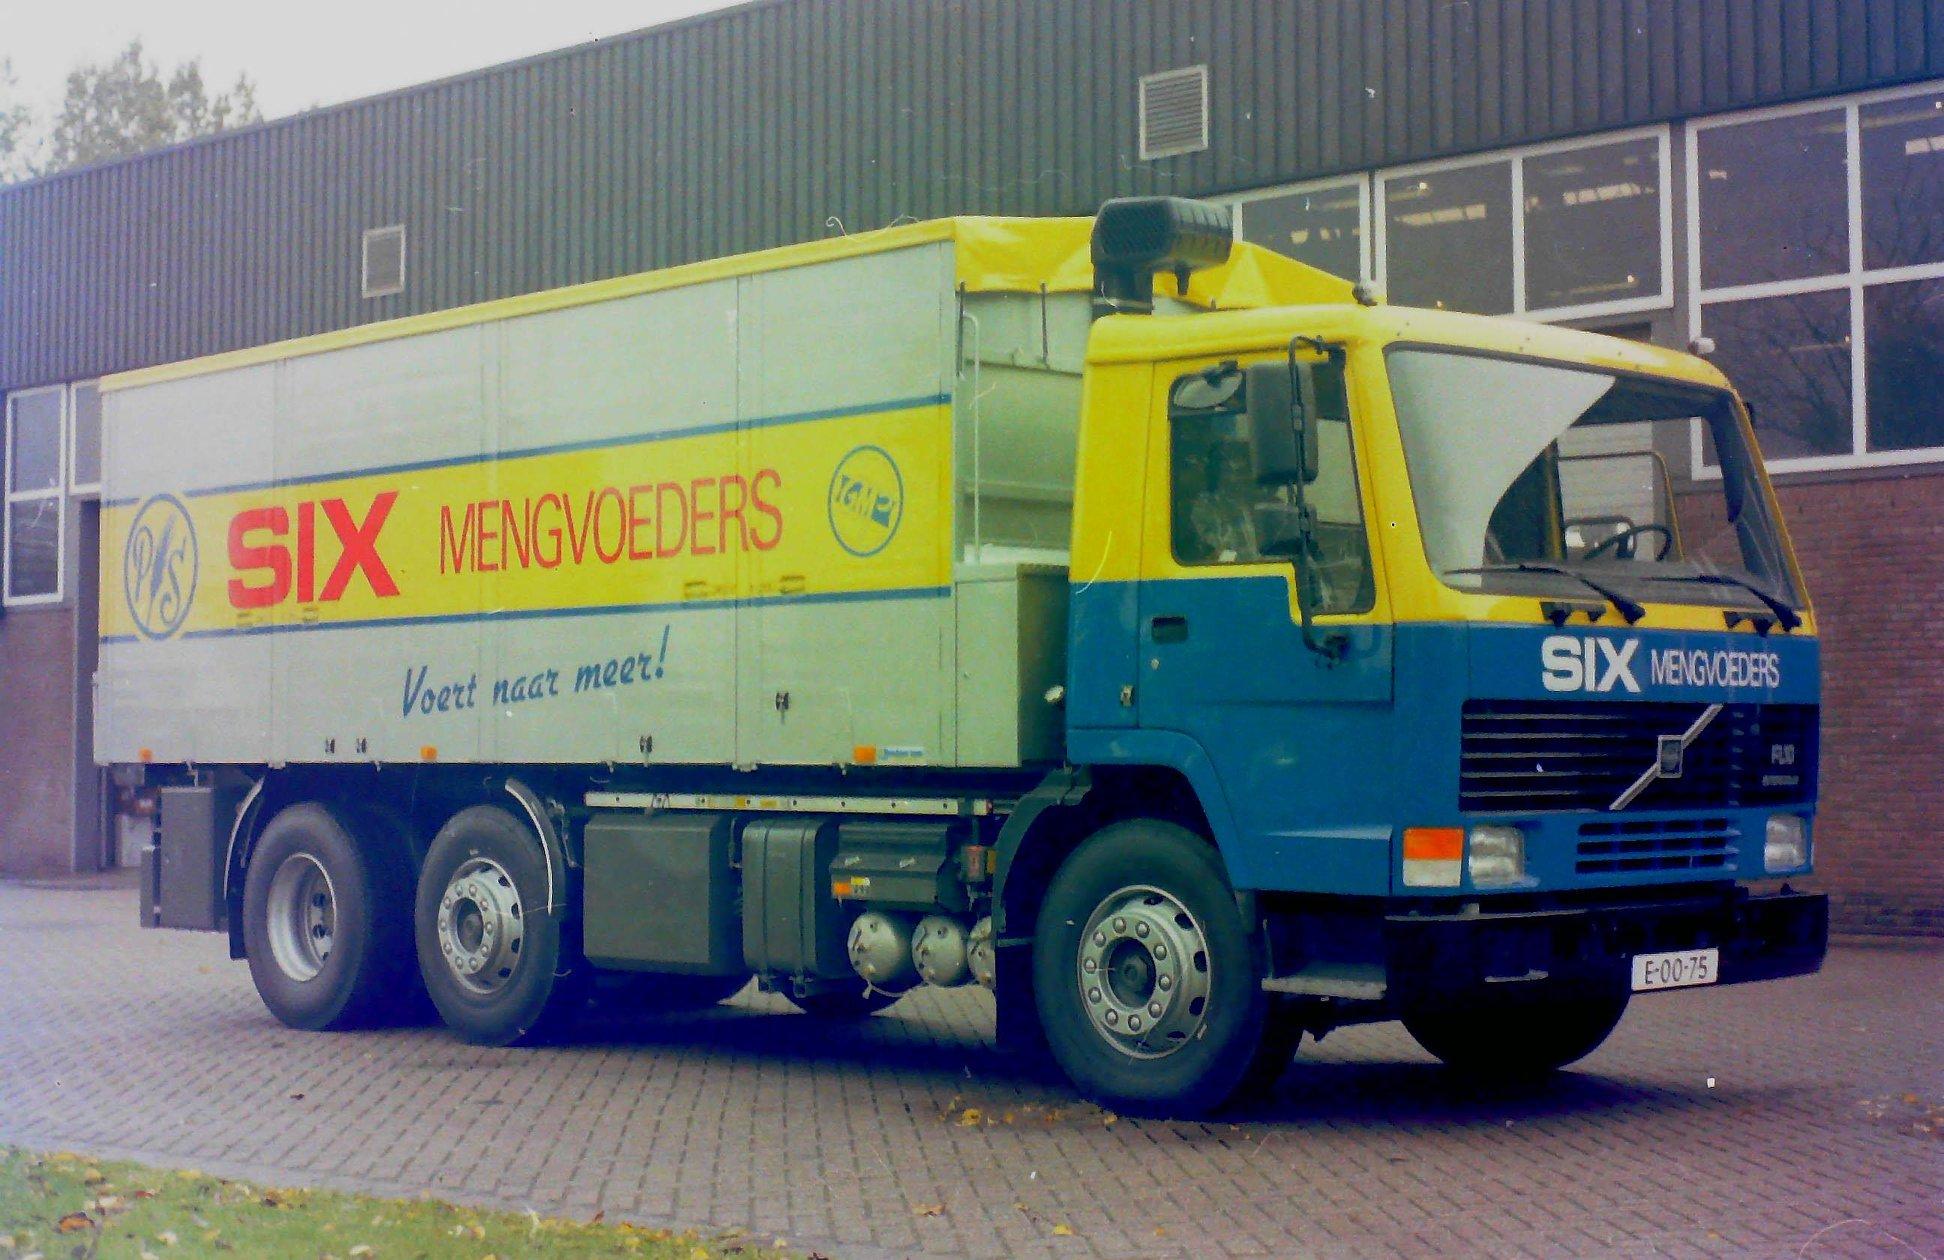 Deze-bulkauto-is-door-Rondaan-opgebouwd-voor-SIX-mengvoeders-1